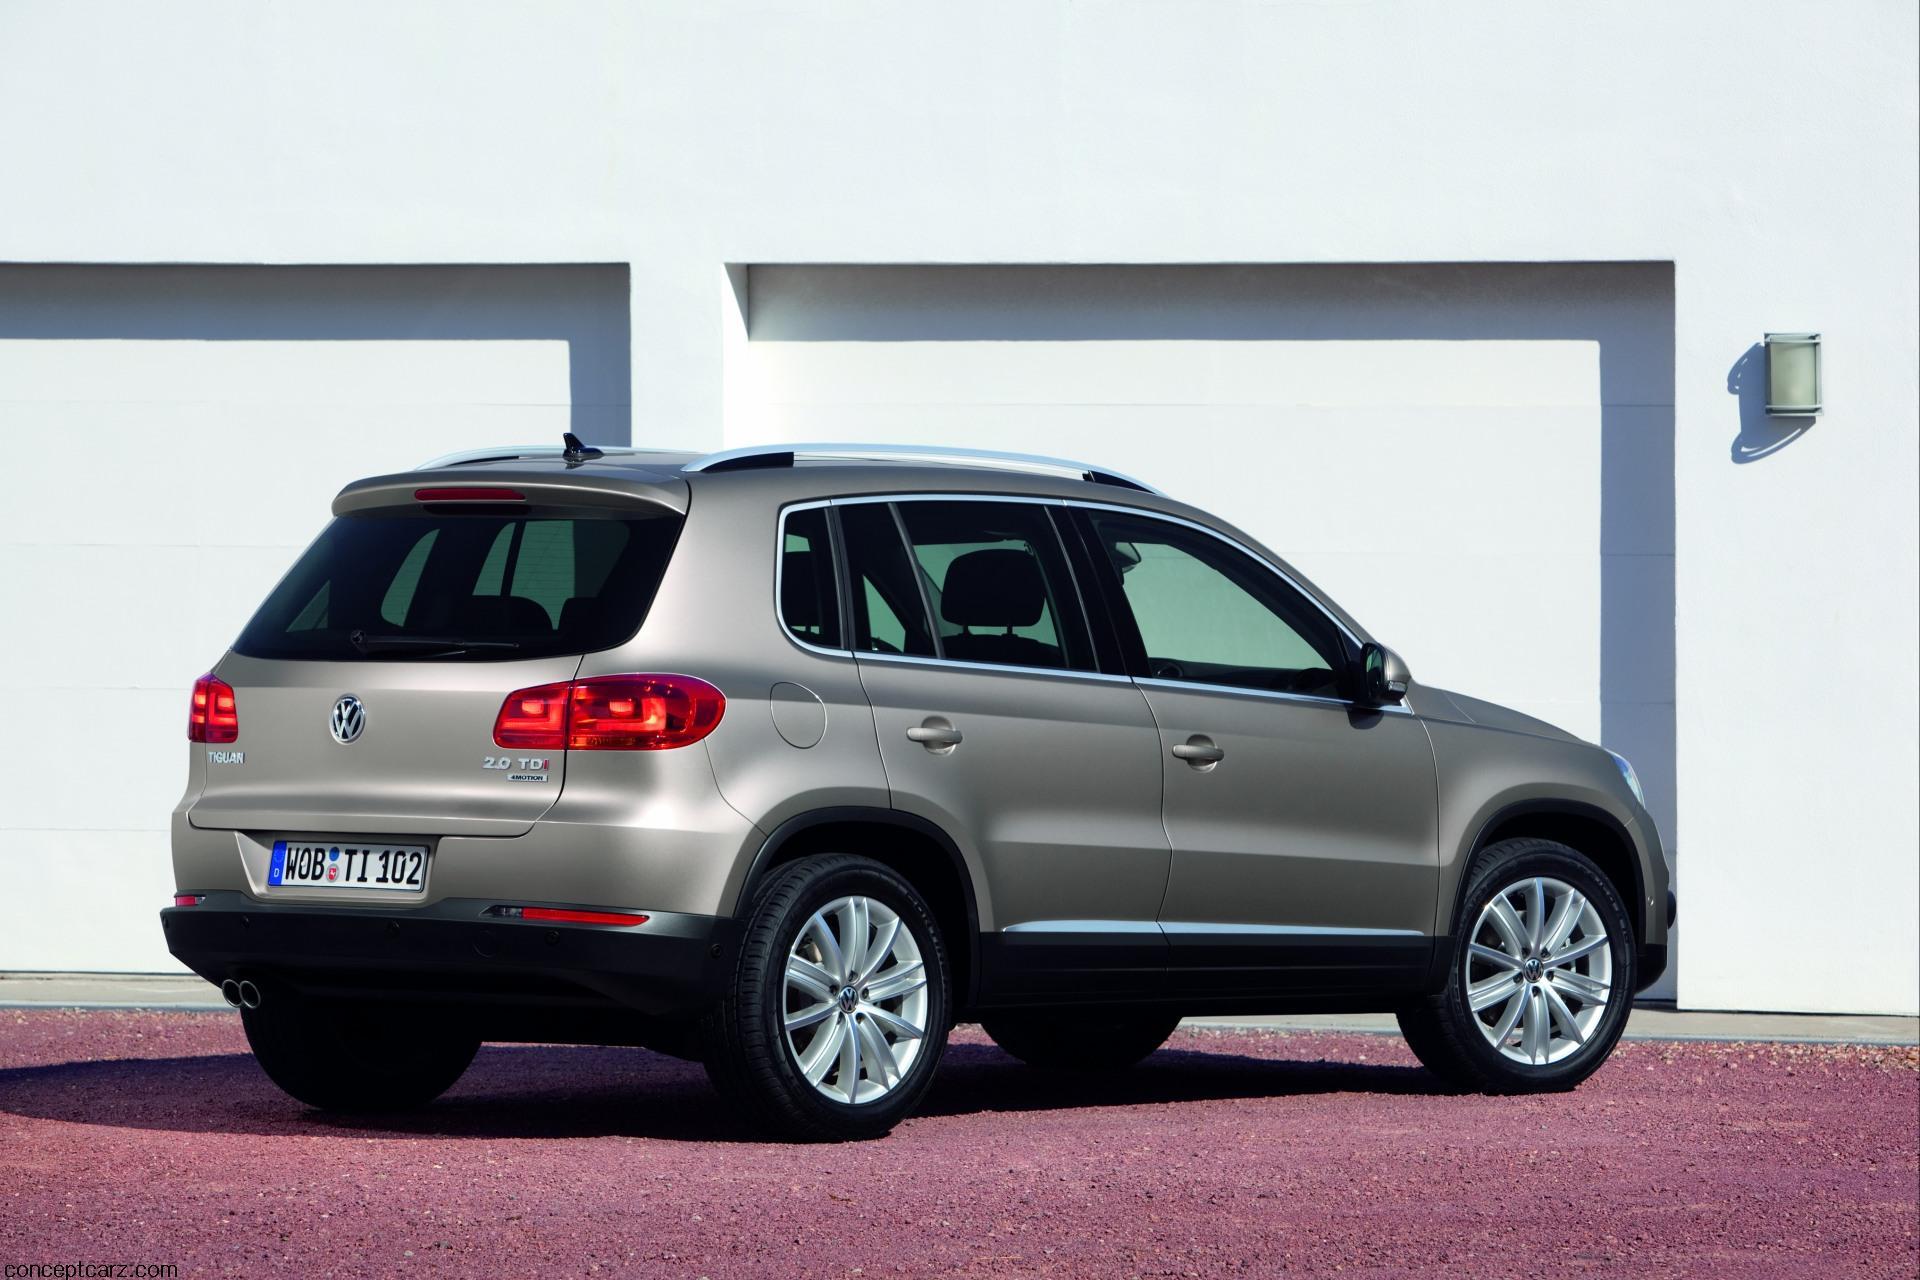 Tiguan Coupe R >> 2012 Volkswagen Tiguan Image. https://www.conceptcarz.com/images/Volkswagen/2012_VW_Tiguan-Image ...